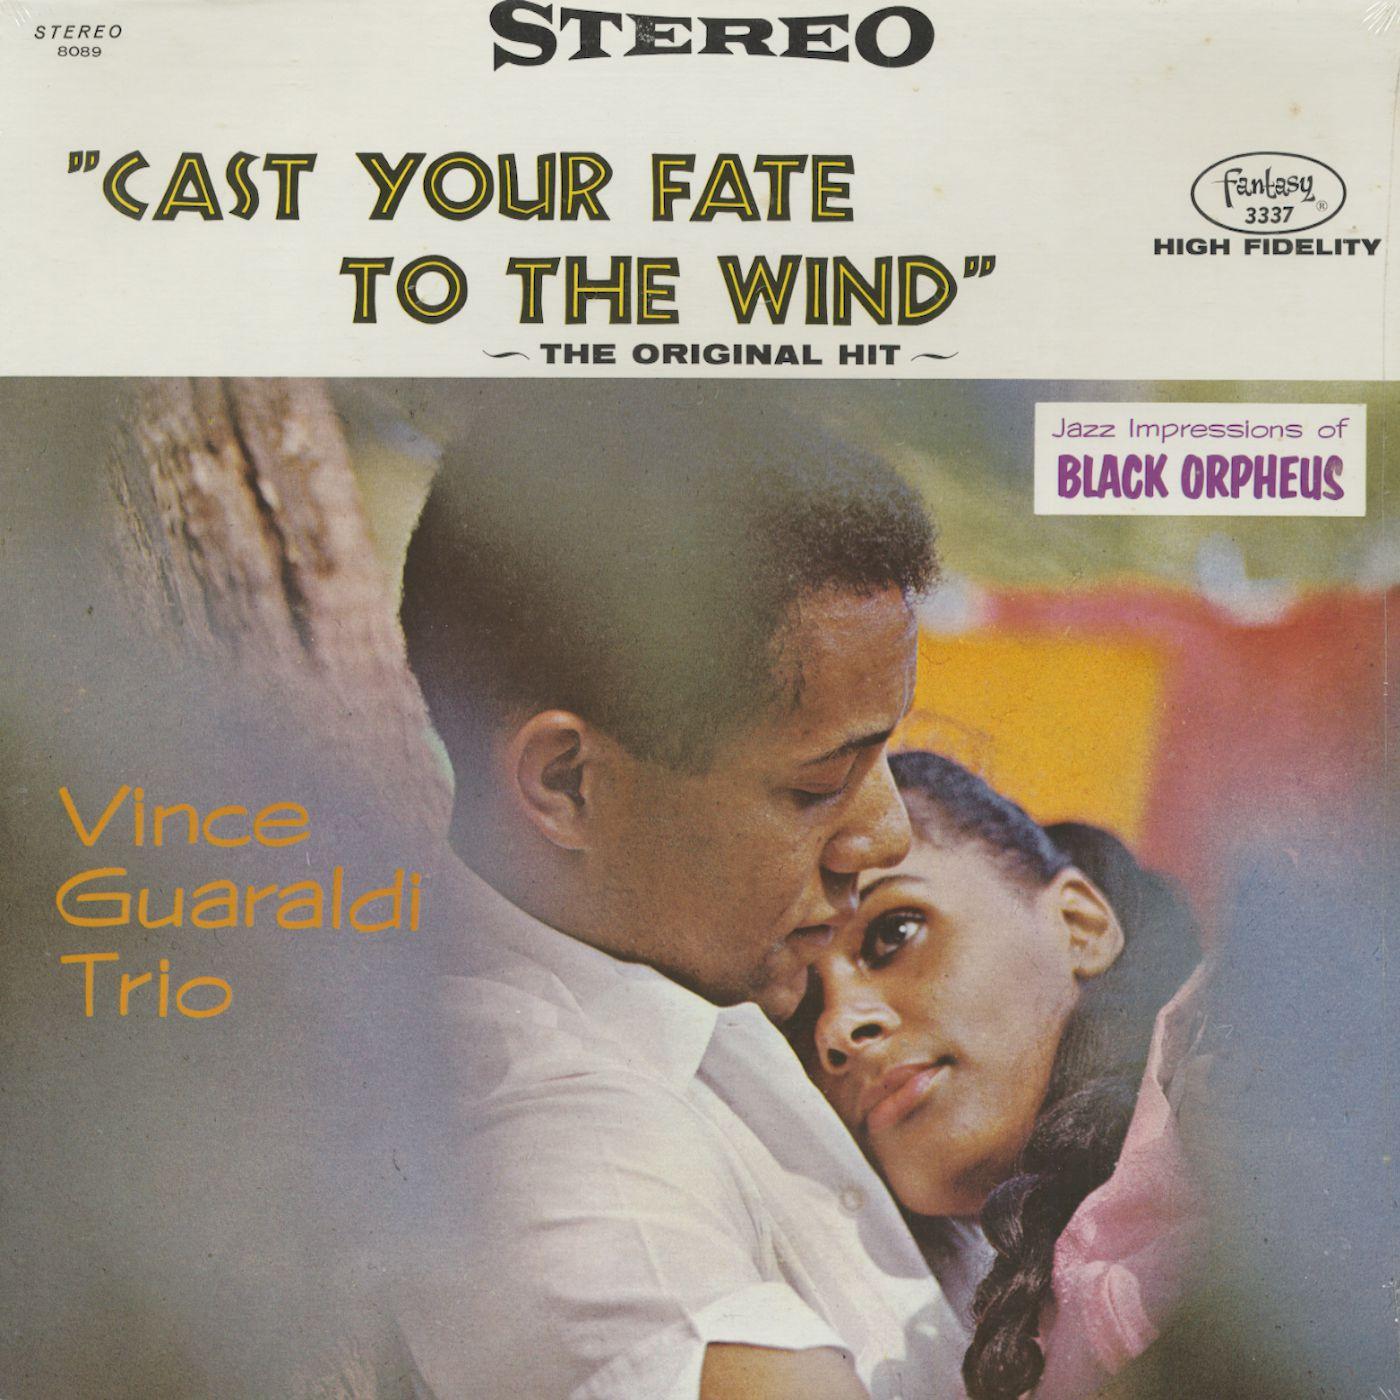 Vince Guaraldi Trio Lp Jazz Impressions Of Black Orpheus